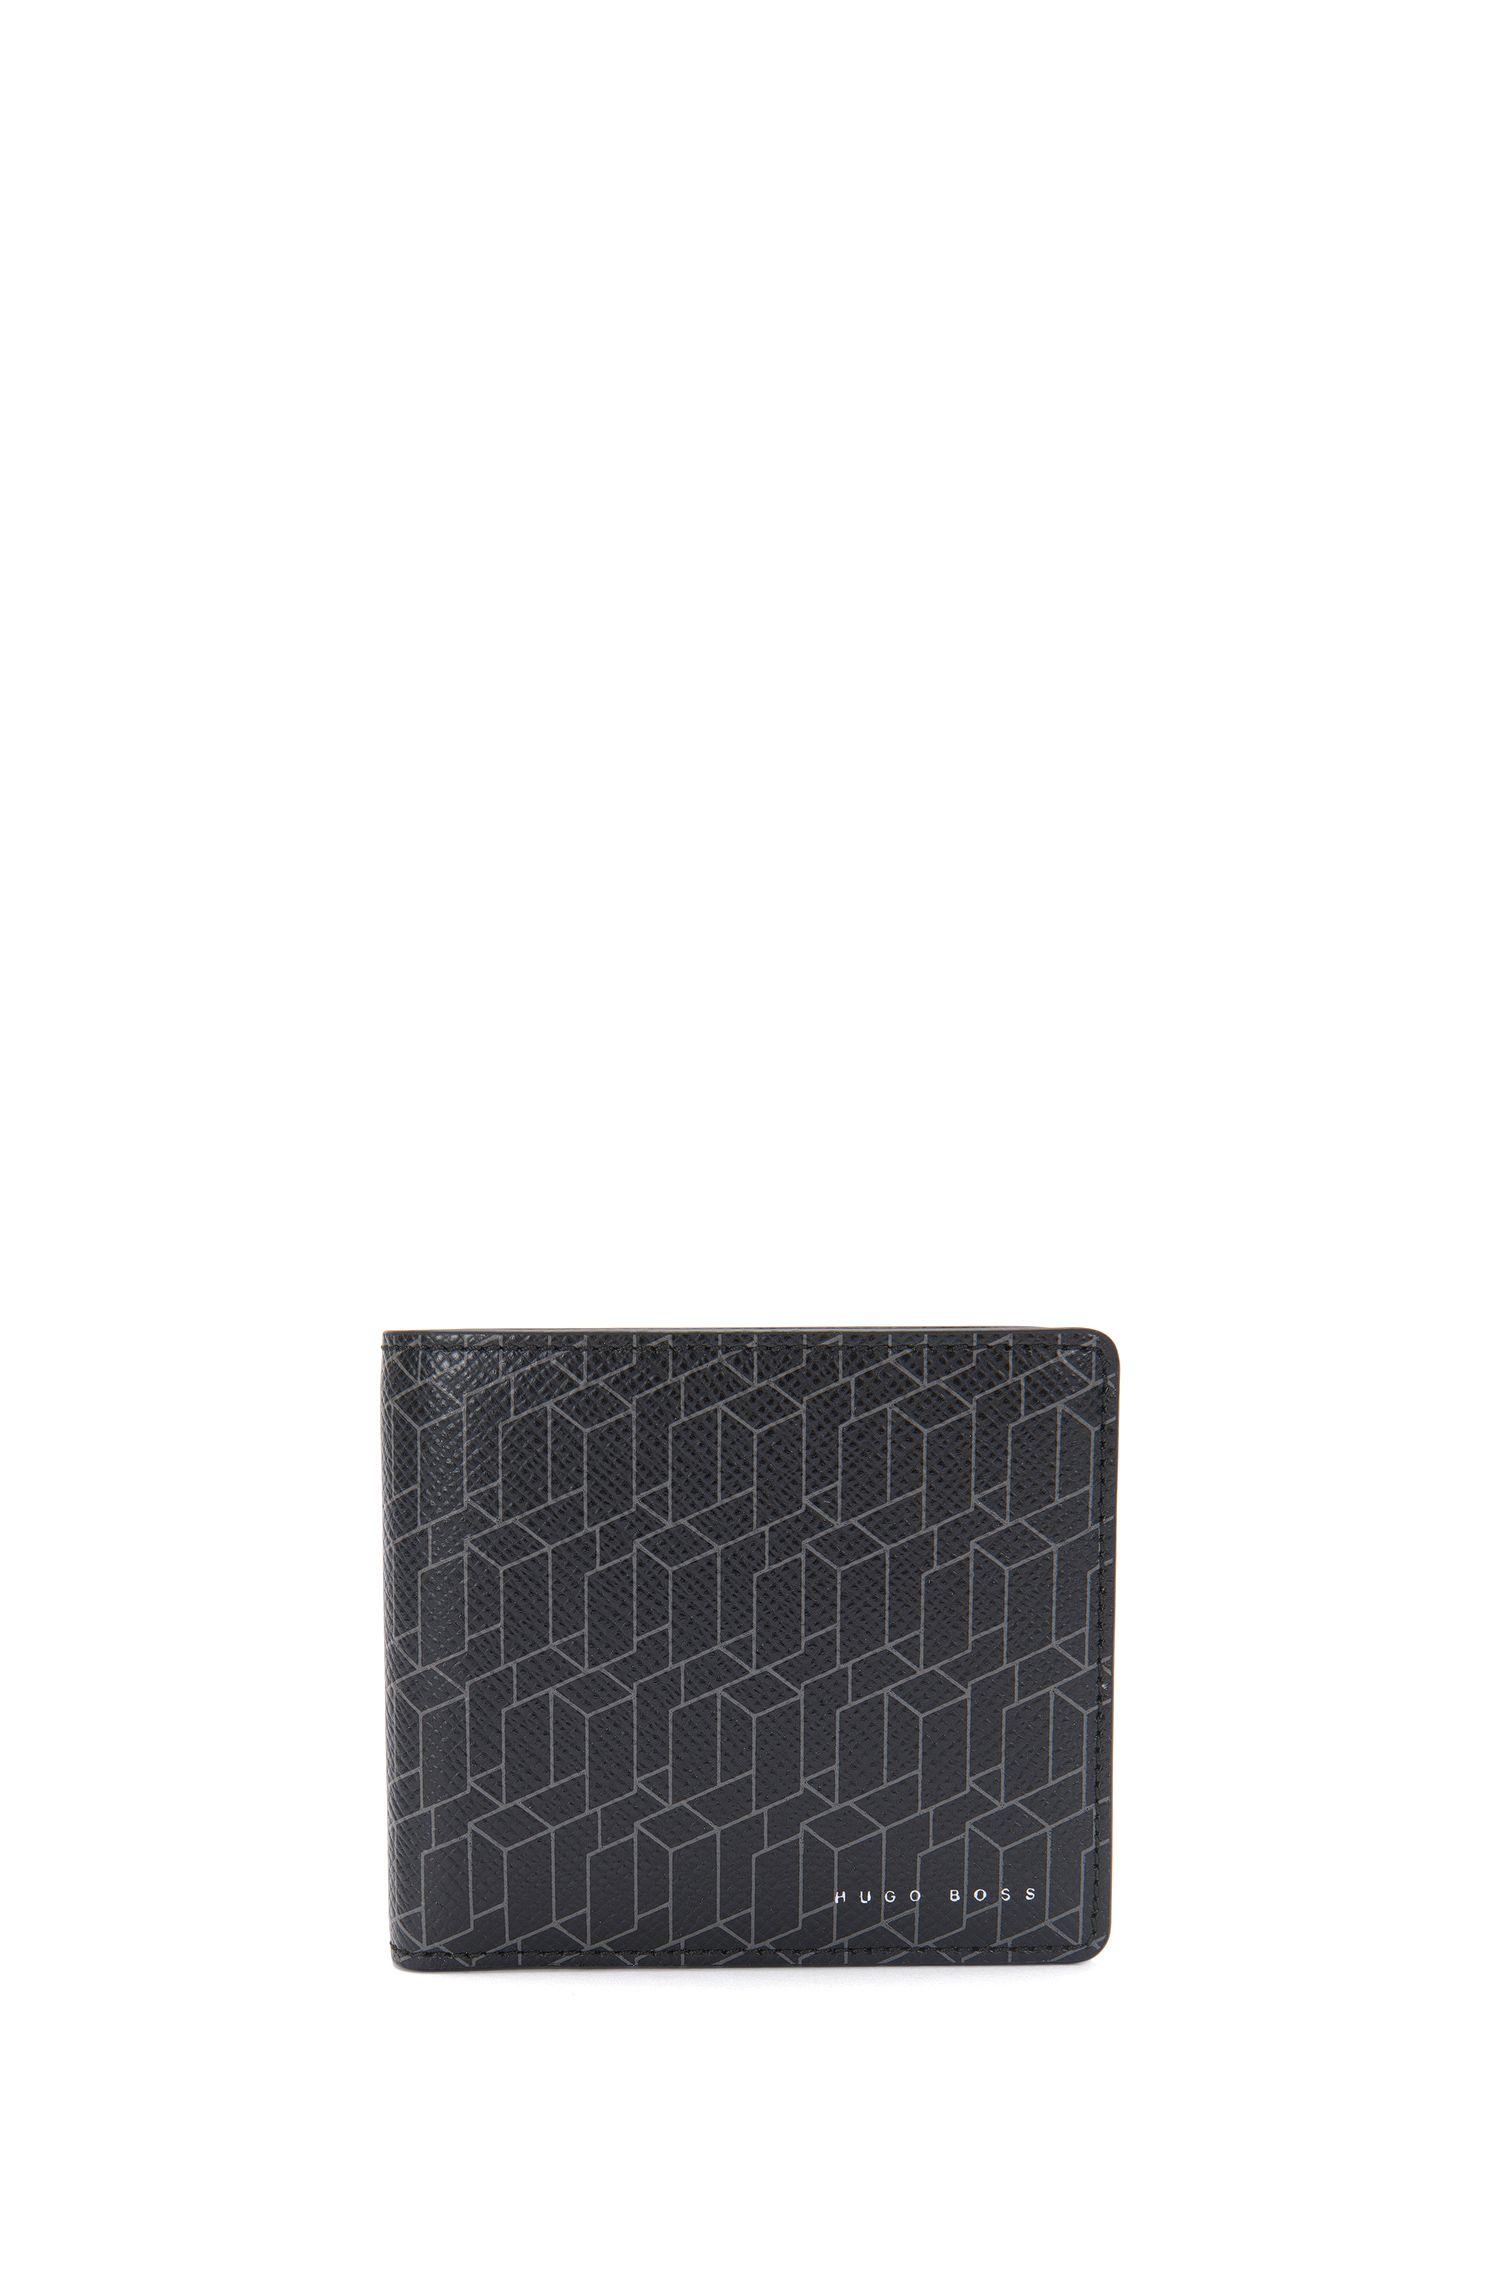 Portefeuille en cuir à imprimé graphique, avec compartiment pour la monnaie: «Signature H_4cc coin»